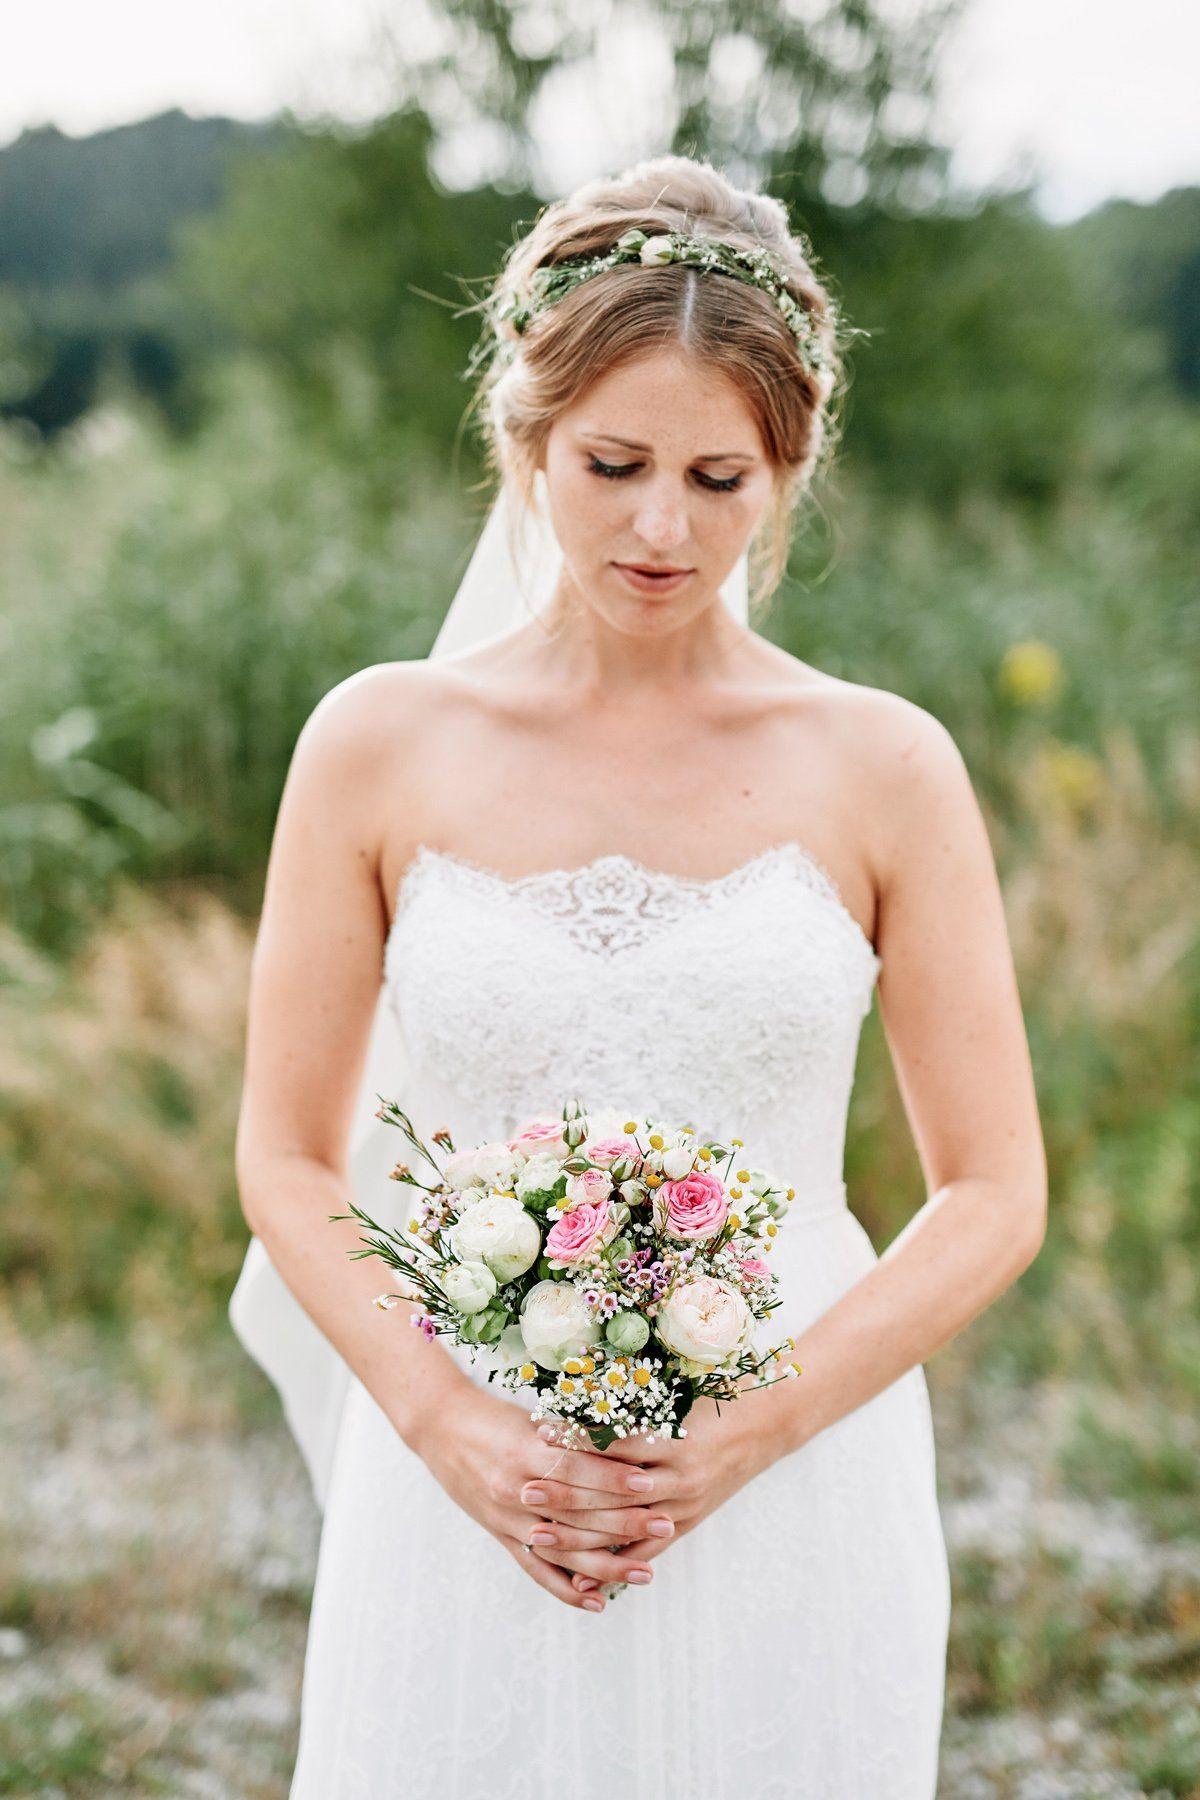 10 Romantische Boho Brautfrisuren Fraulein K Sagt Ja Hochzeitsblog